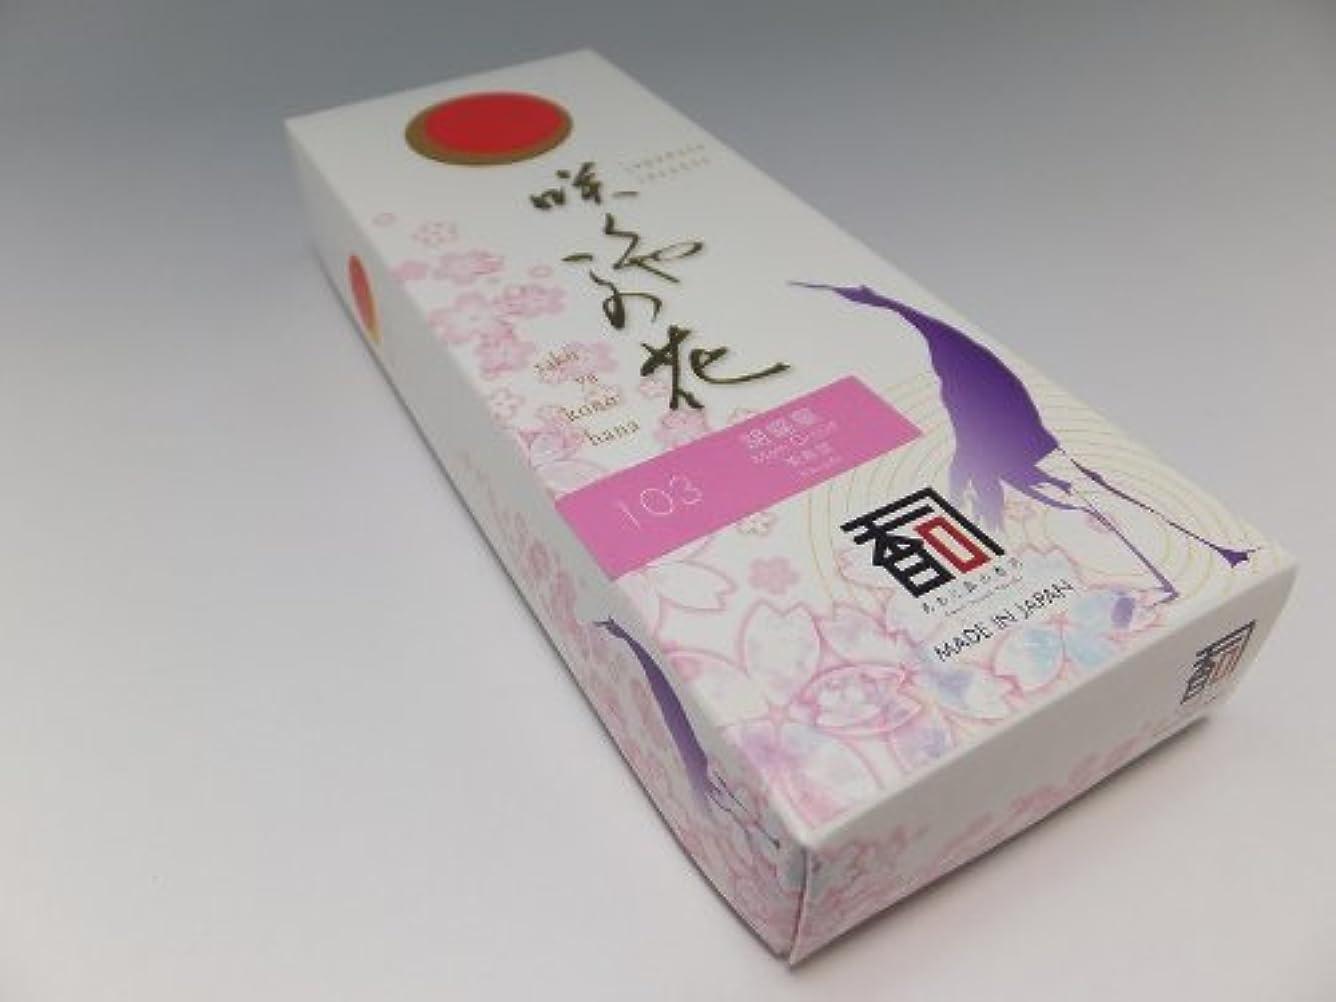 会議ごみ壁「あわじ島の香司」 日本の香りシリーズ  [咲くや この花] 【103】 胡蝶蘭 (有煙)